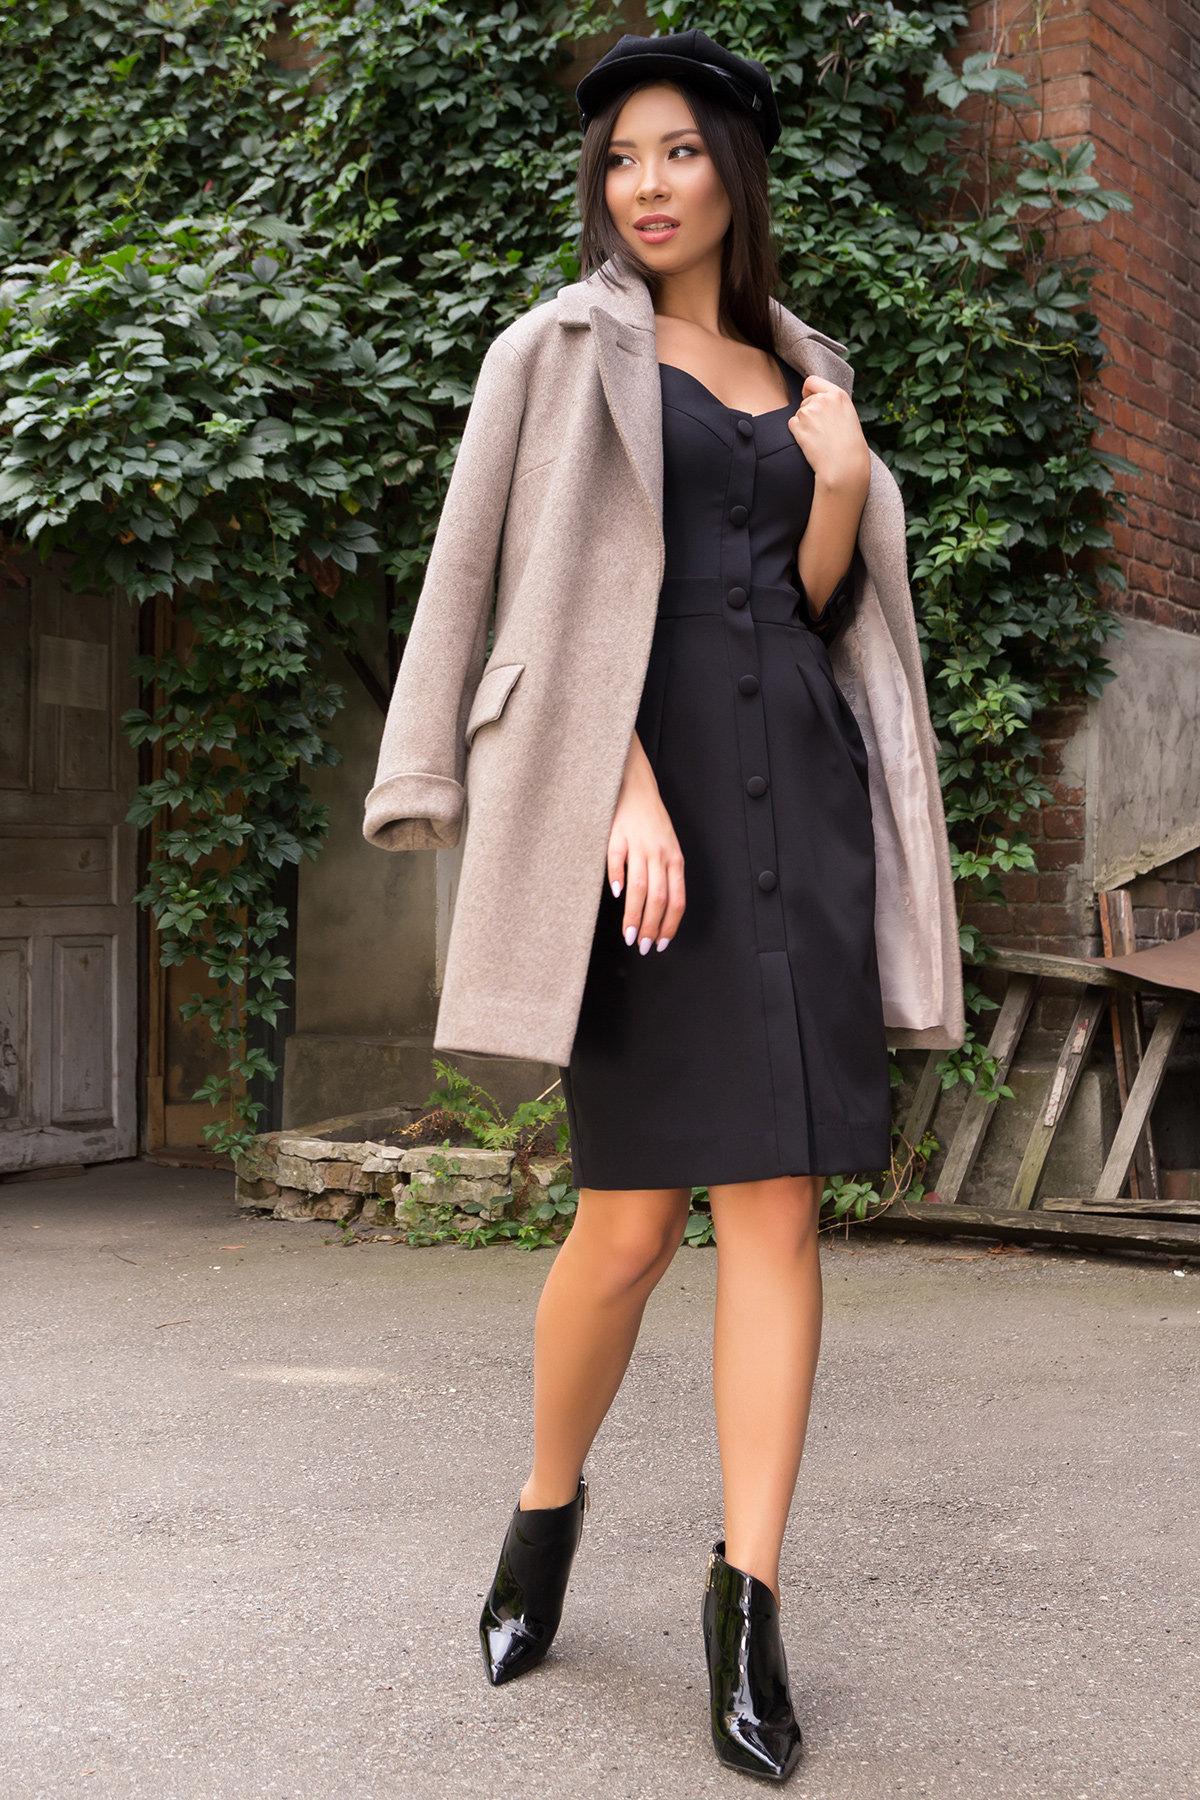 Платье-футляр Прованс 7871 АРТ. 43768 Цвет: Черный - фото 4, интернет магазин tm-modus.ru